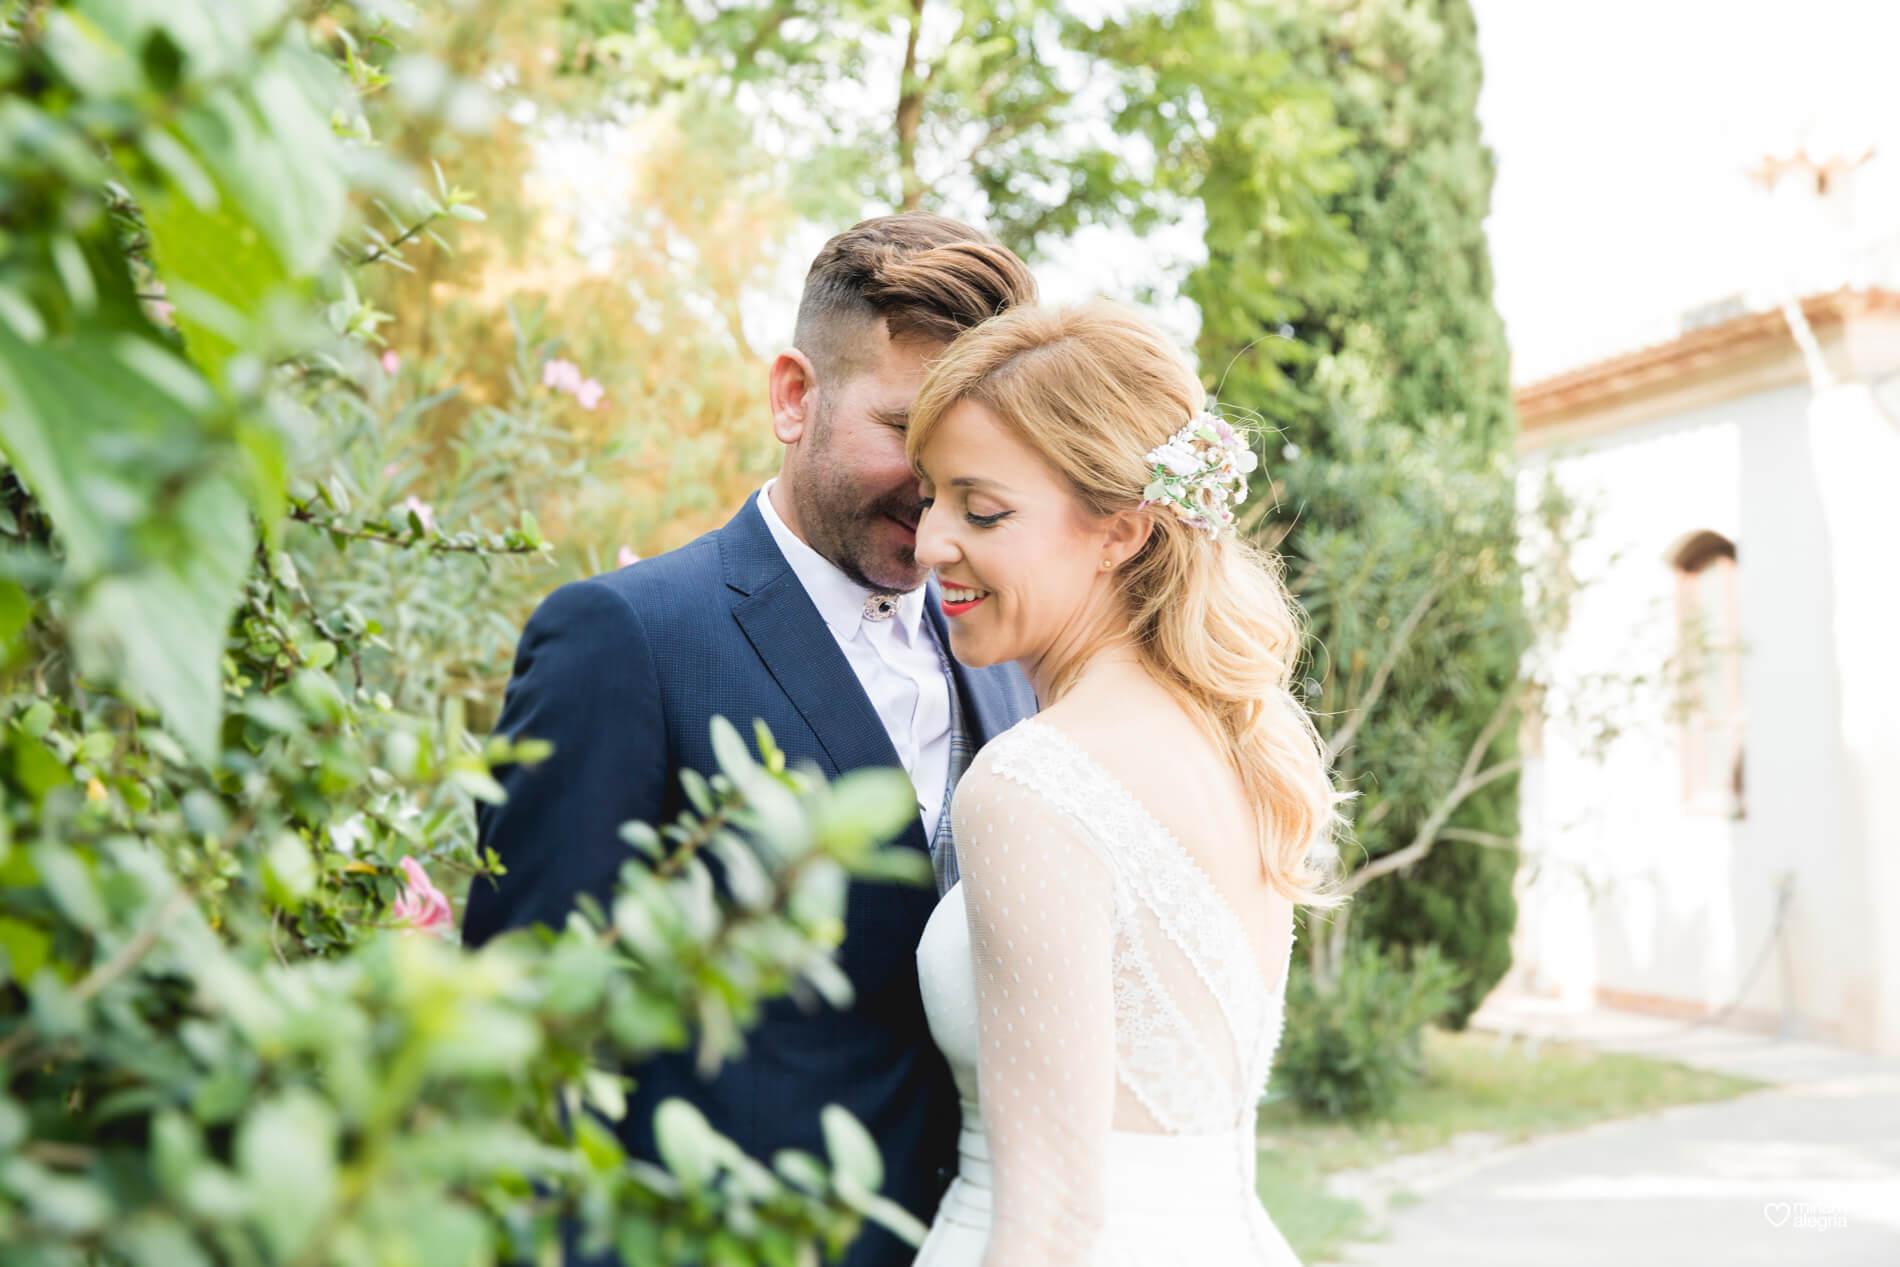 boda-en-finca-villa-vera-de-alemc7-miriam-alegria-fotografos-boda-murcia-119